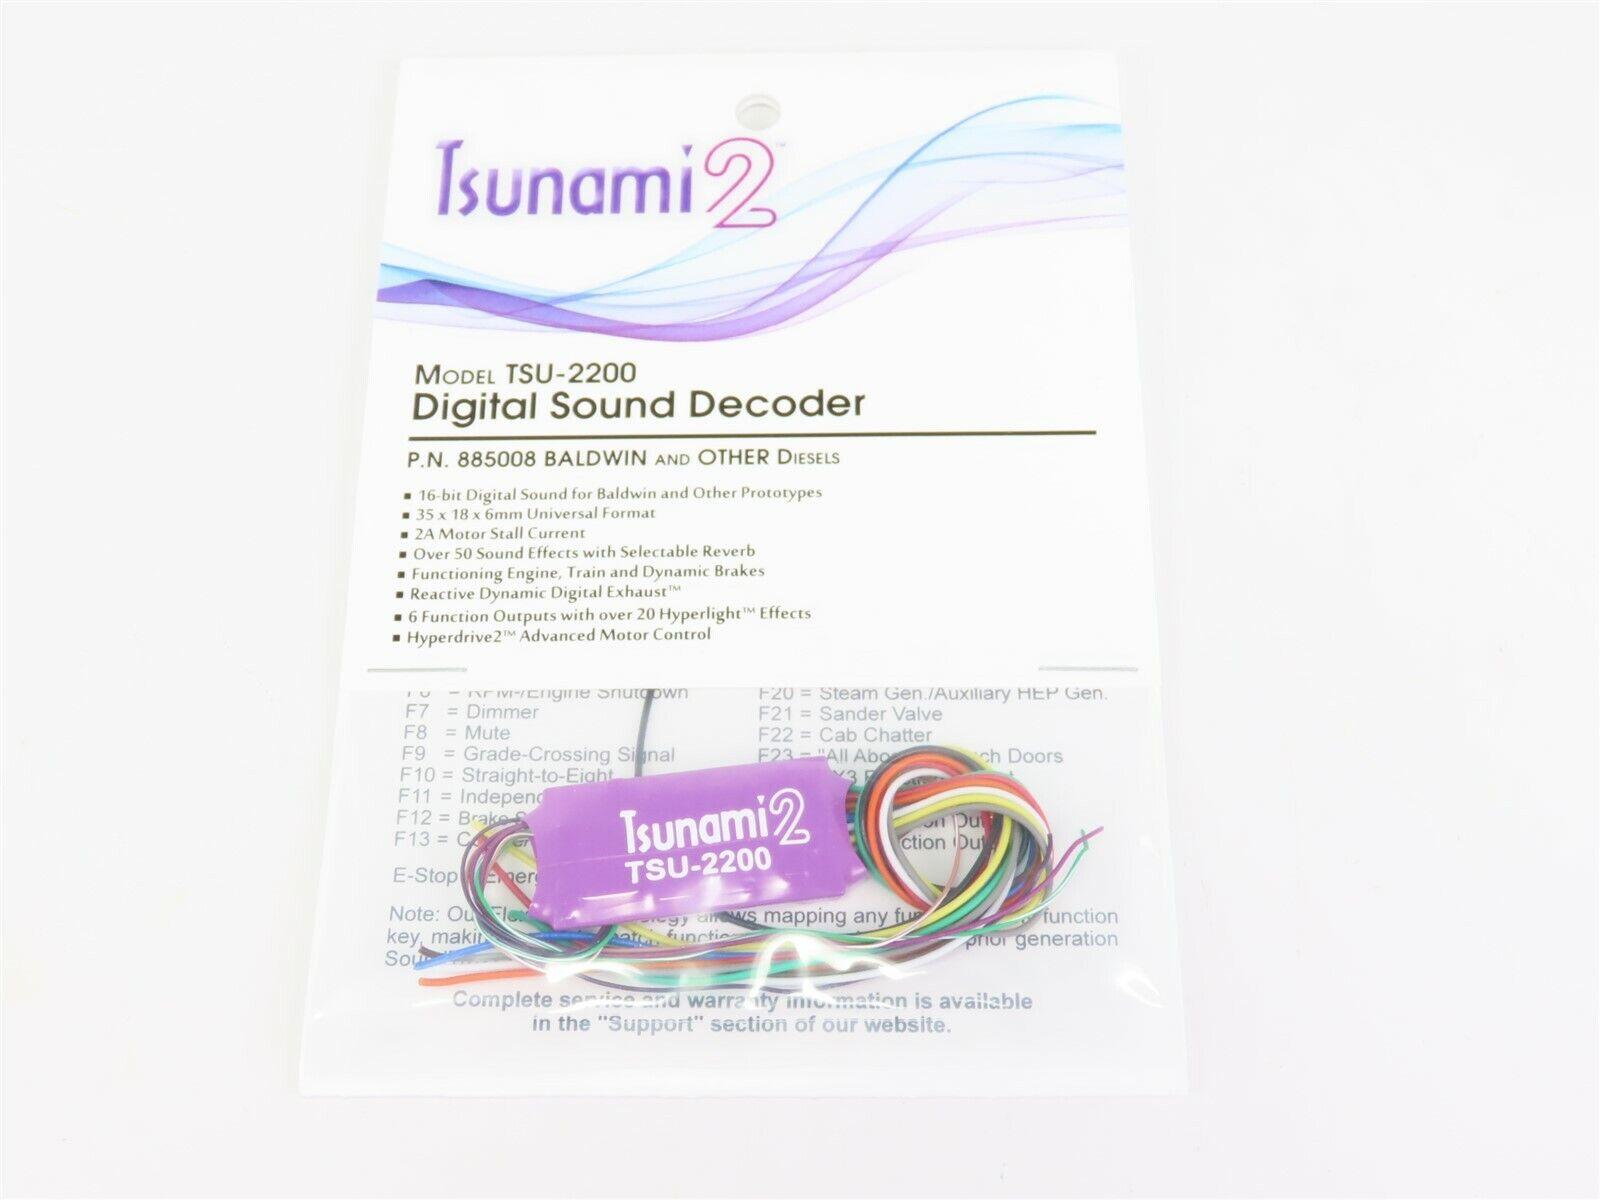 Soundtraxx Tsunami 2 TSU-2200 885008 Baldwin y otros decodificador DCC Sonido Diesel